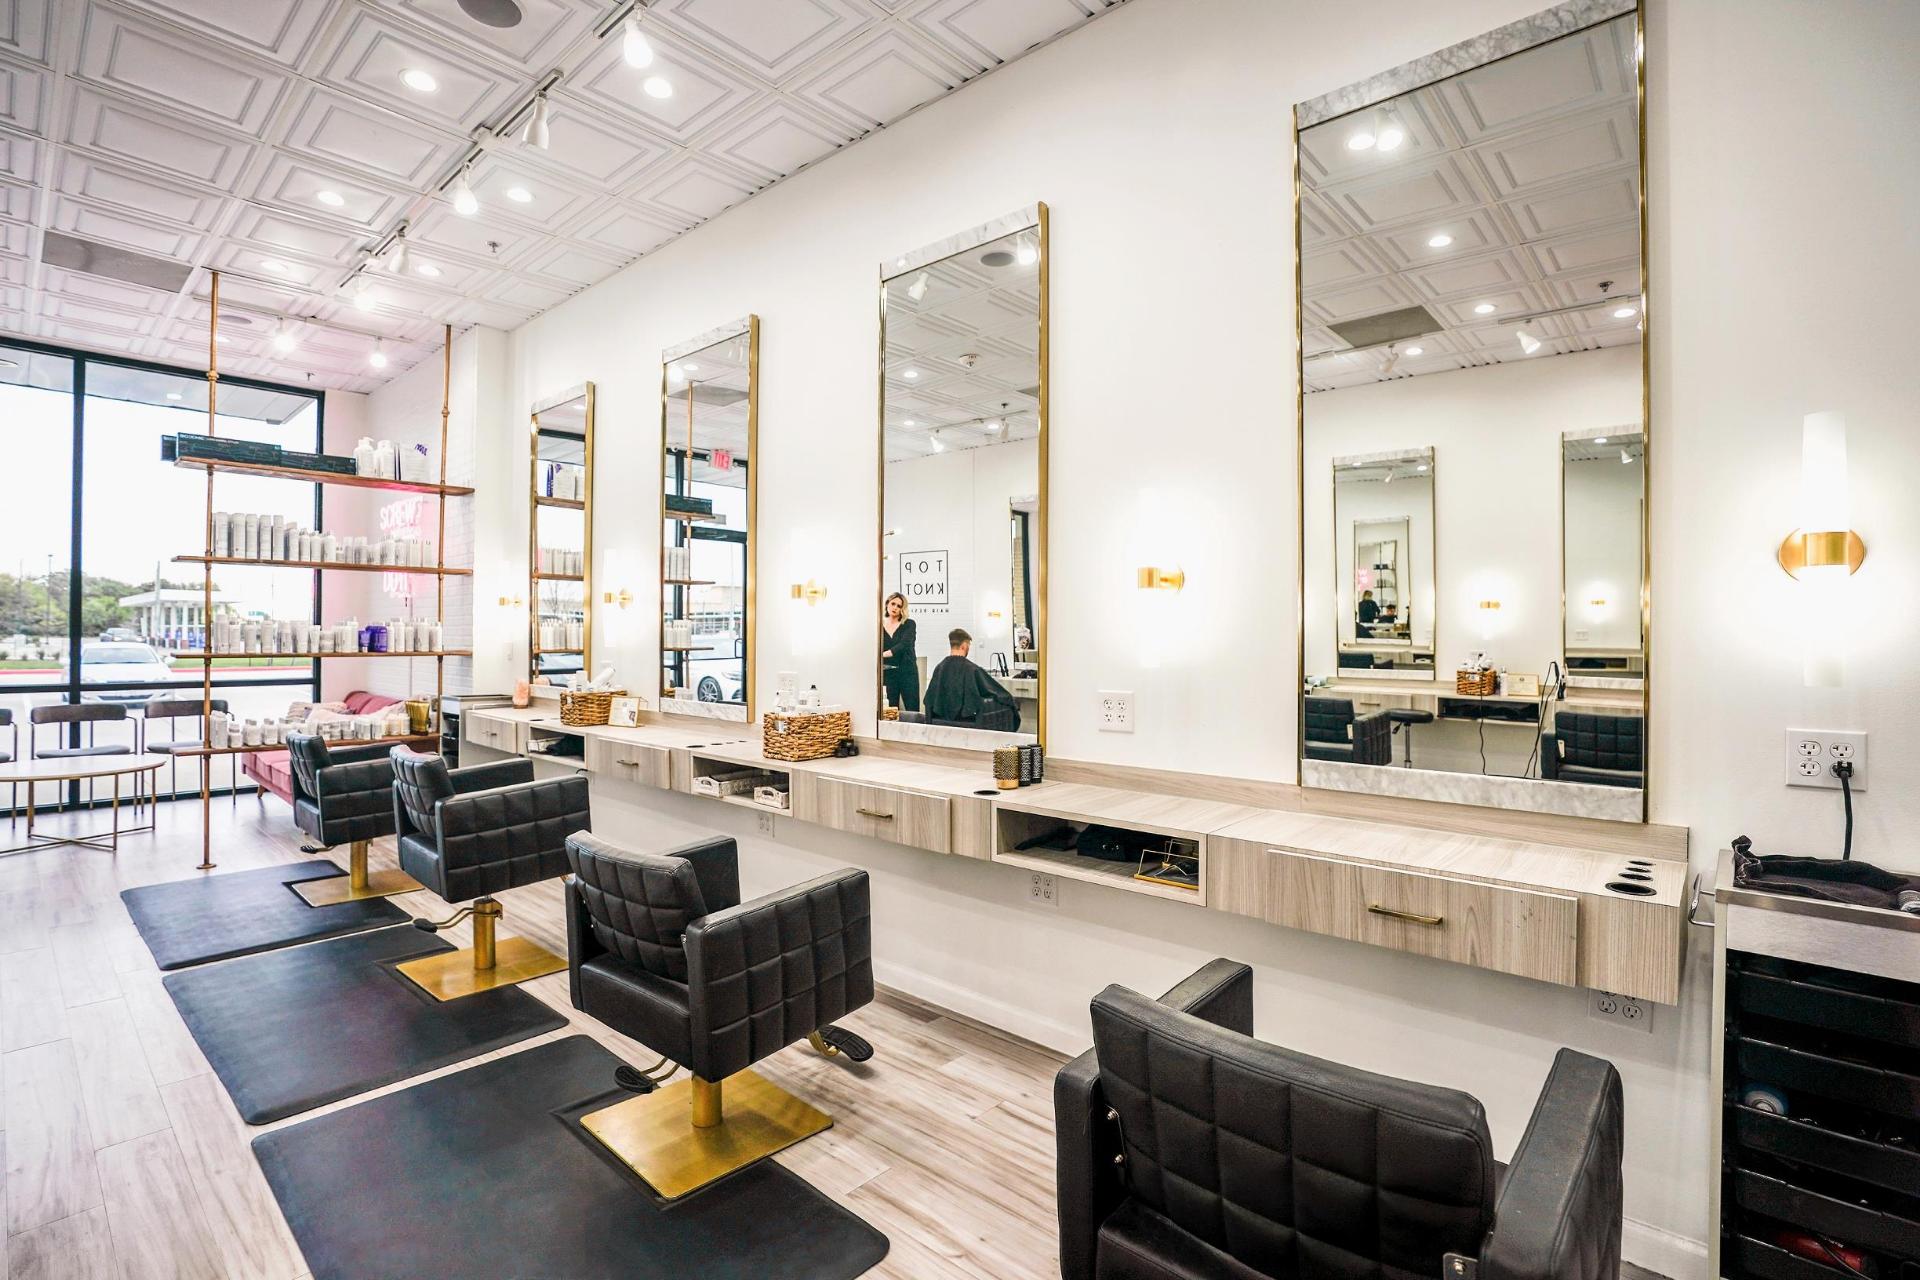 Salon Equipment Ideas & Interior Design Portfolio: Buy-Rite ...